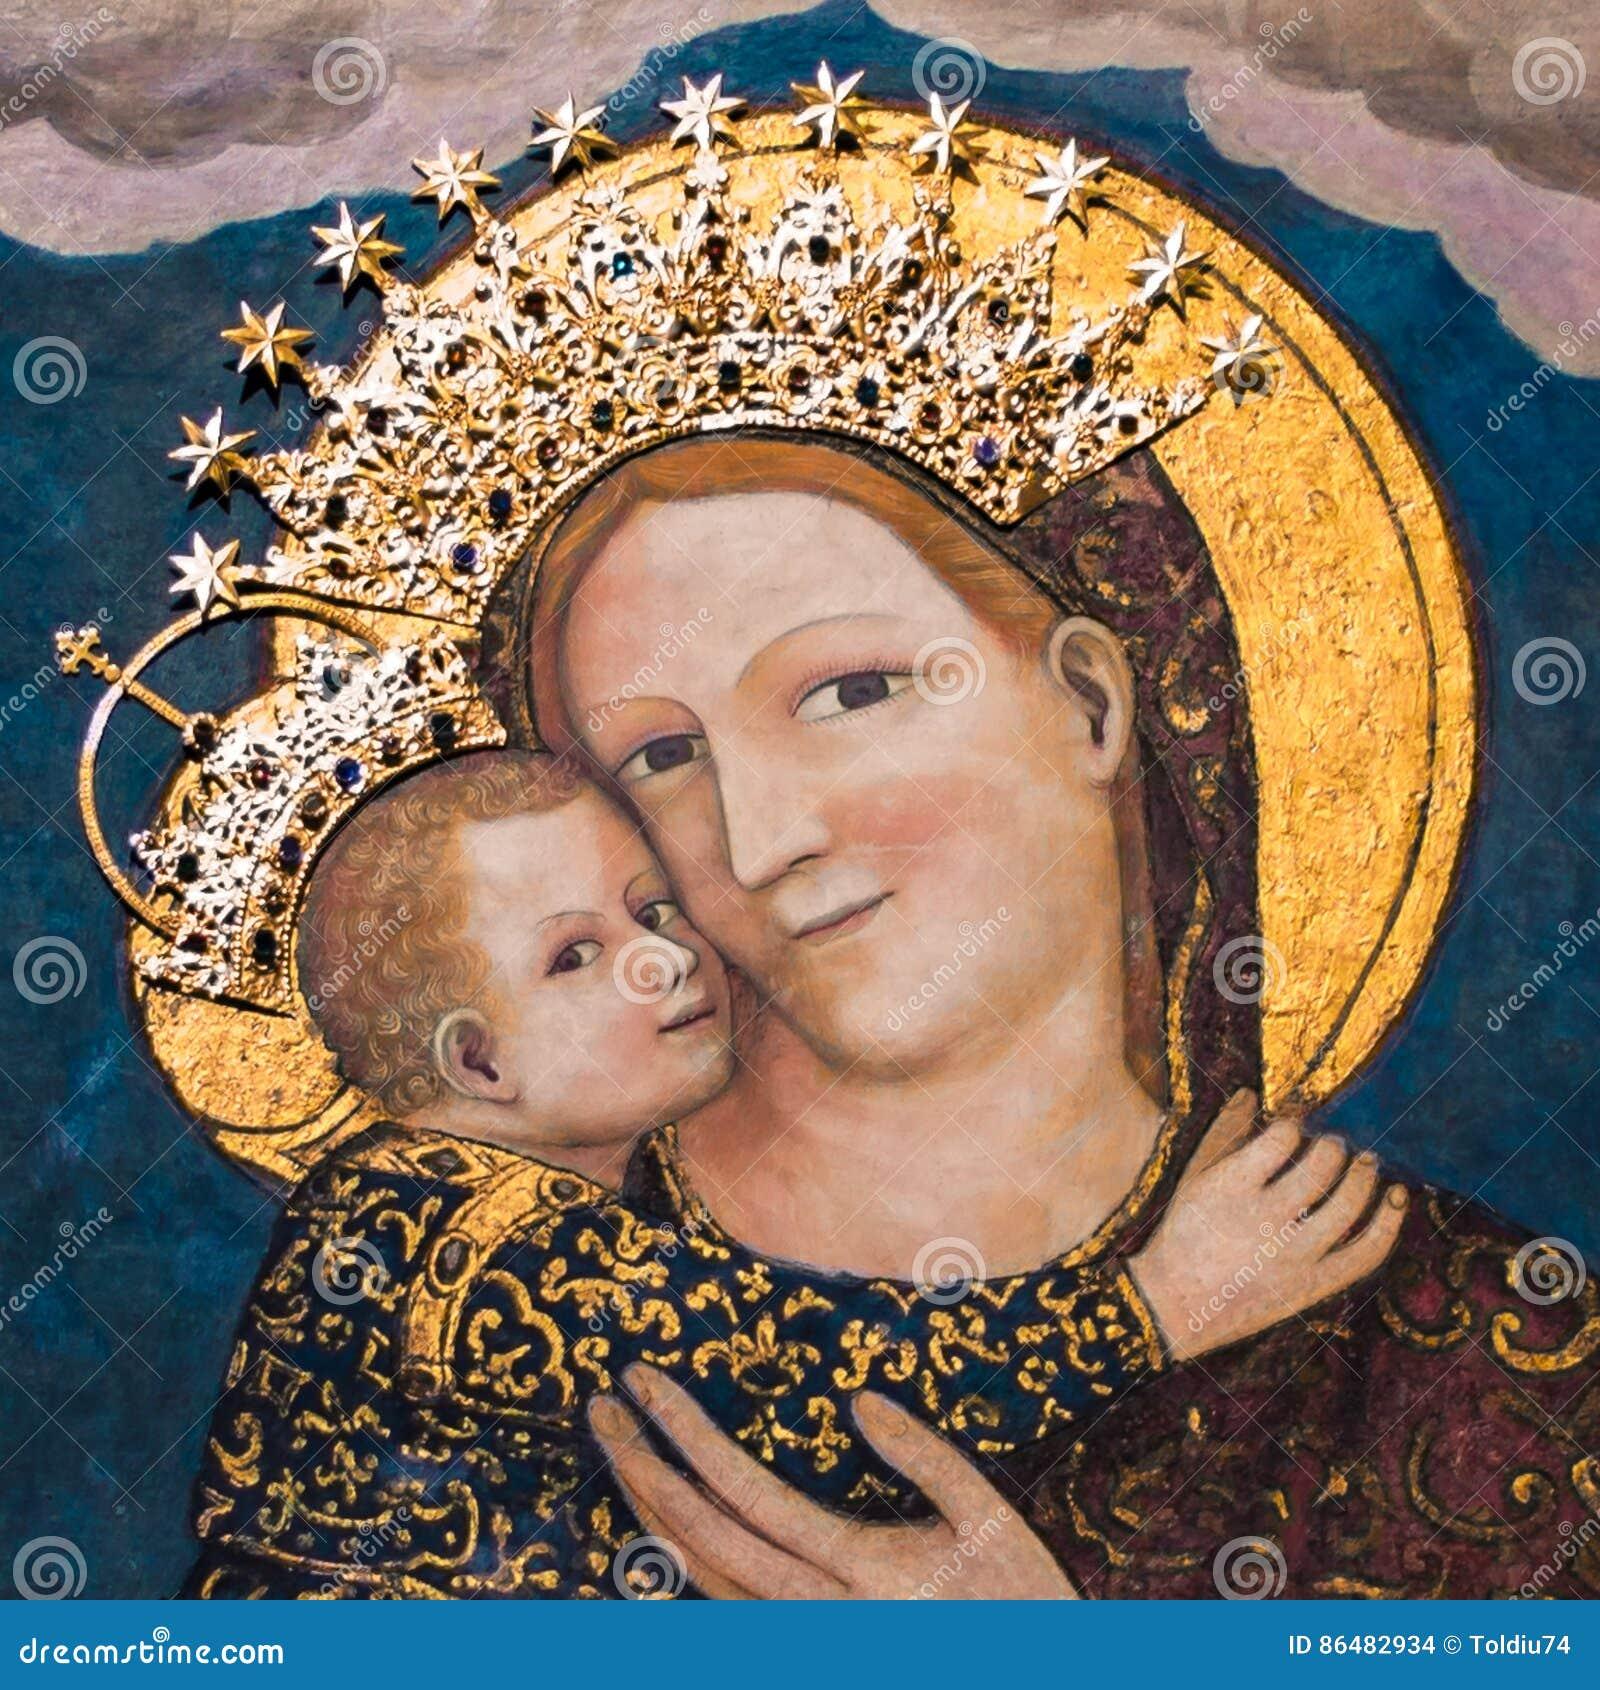 Дева мария с младенцем Иисусом в базилике Святого Антония внутри